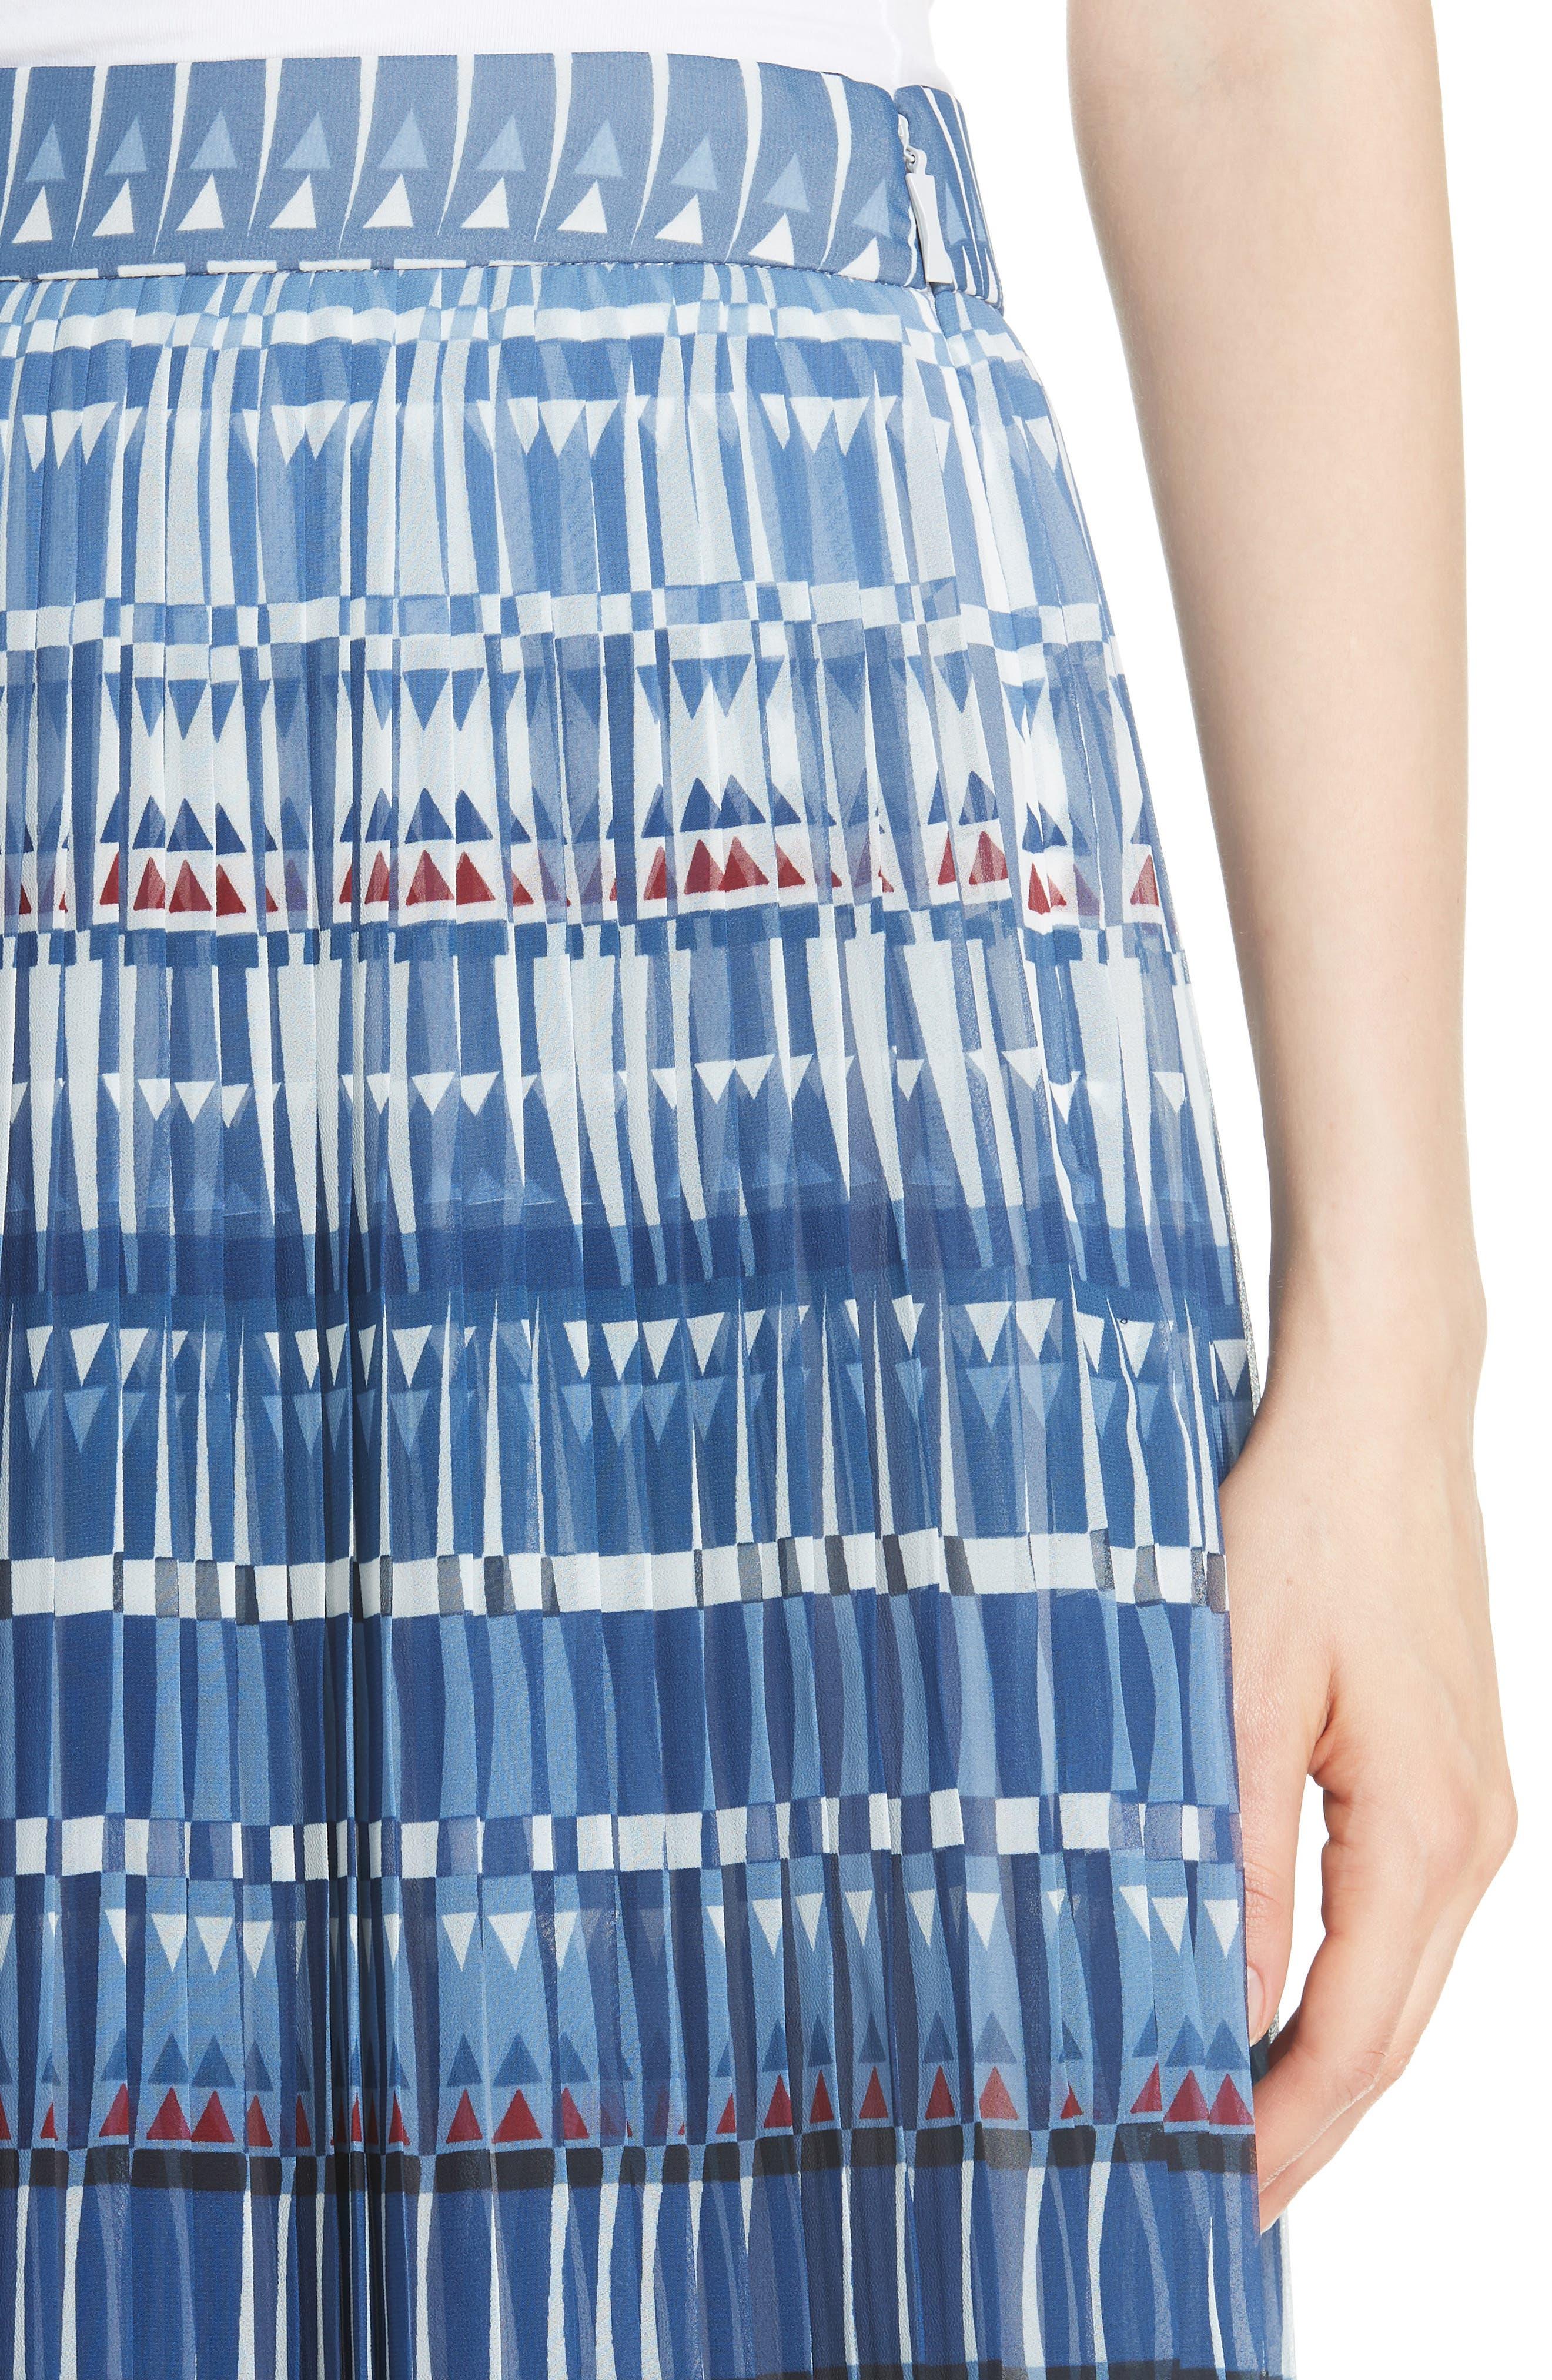 KATE SPADE NEW YORK,                             deco beale skirt,                             Alternate thumbnail 4, color,                             473